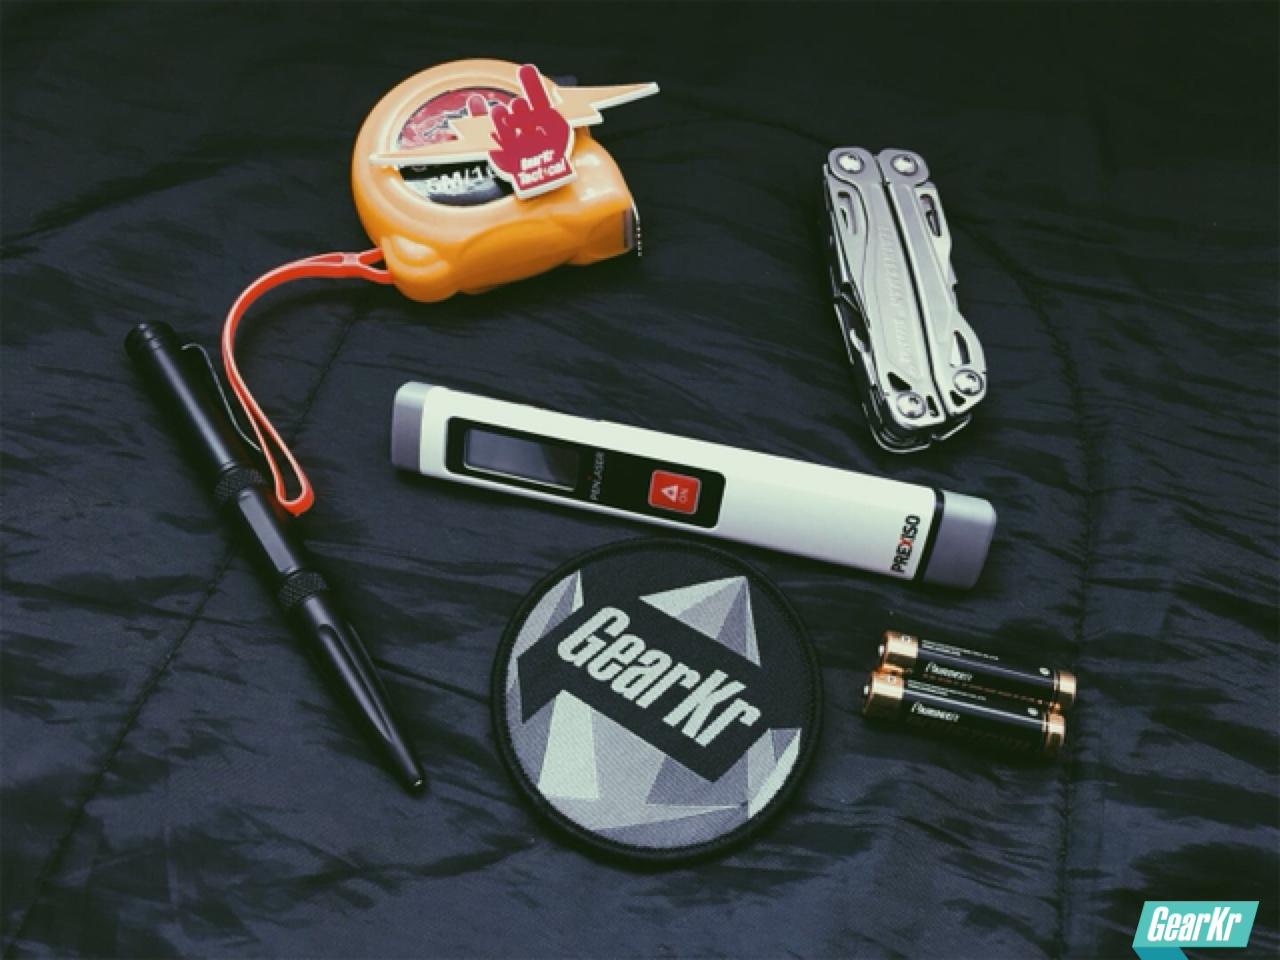 英吹斯挺?—PREXISO P10笔式激光测距仪评测